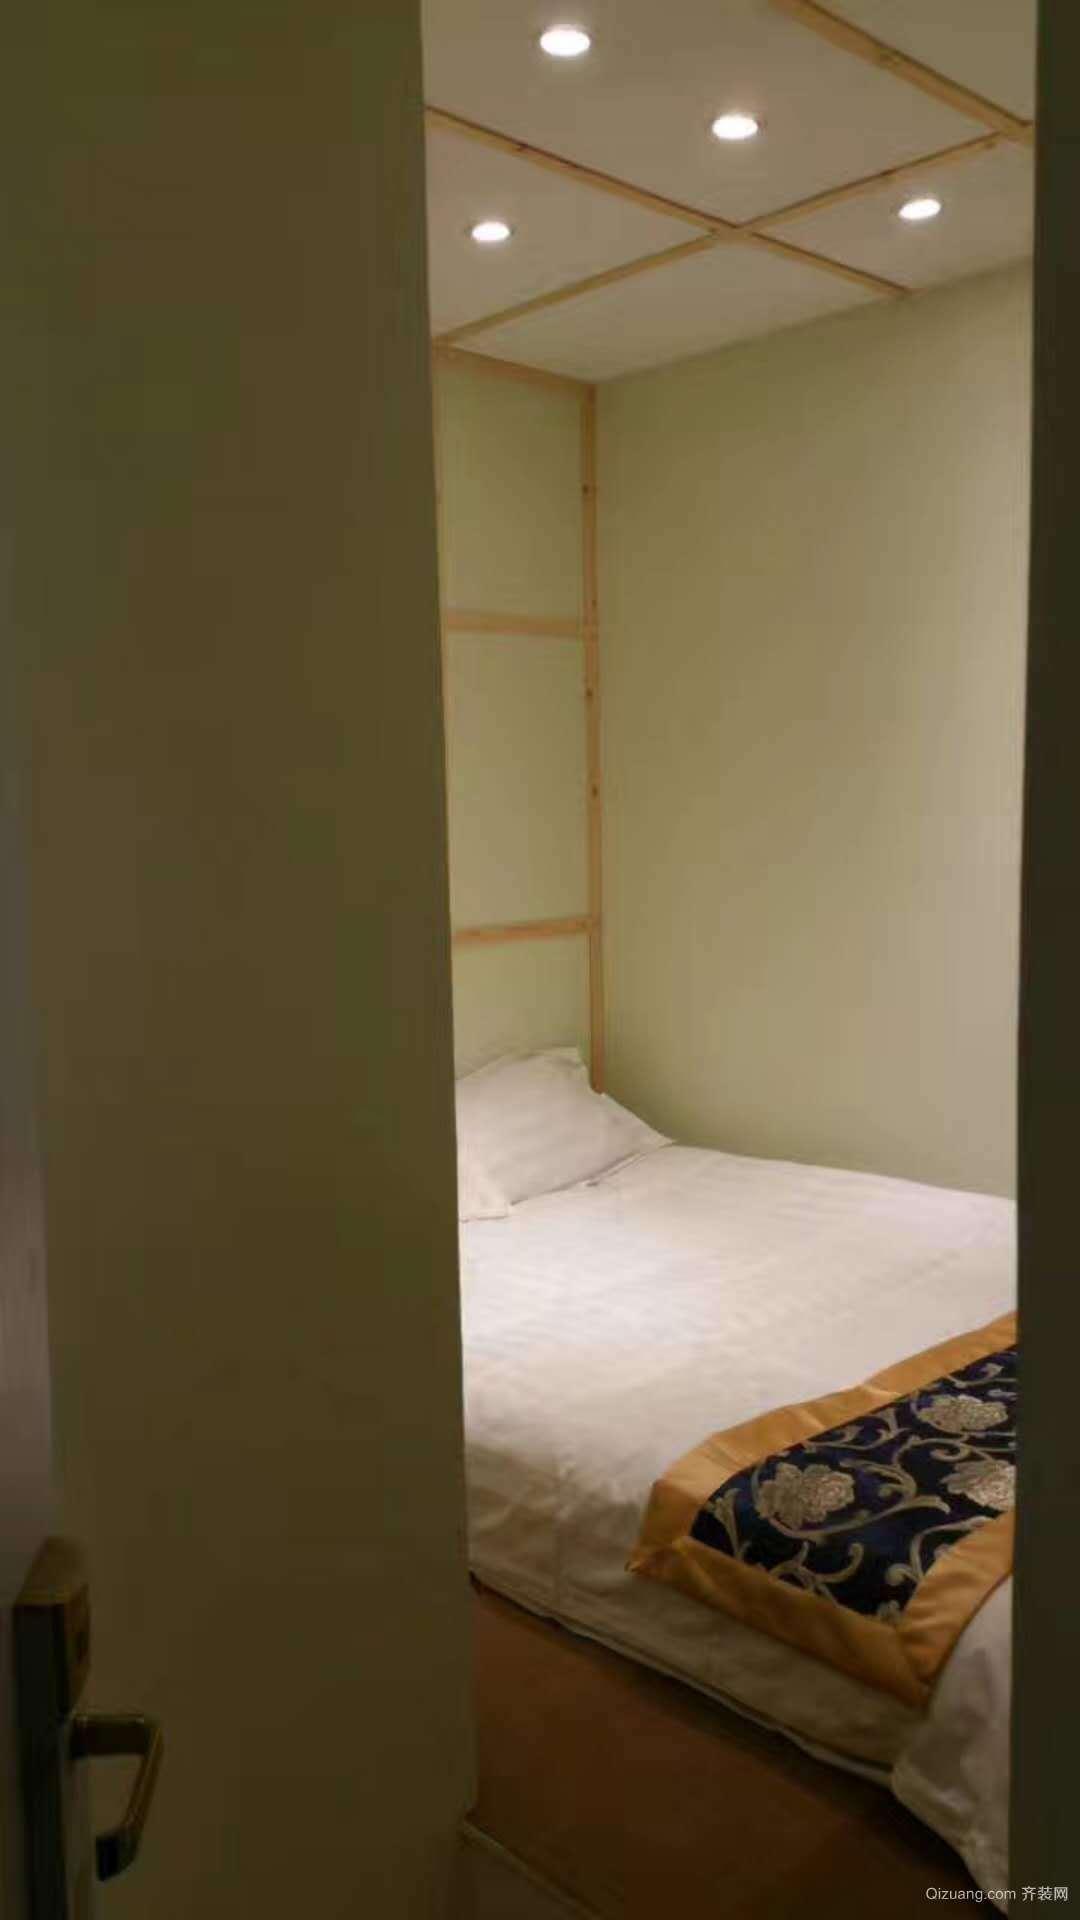 同人宾馆混搭风格装修效果图实景图